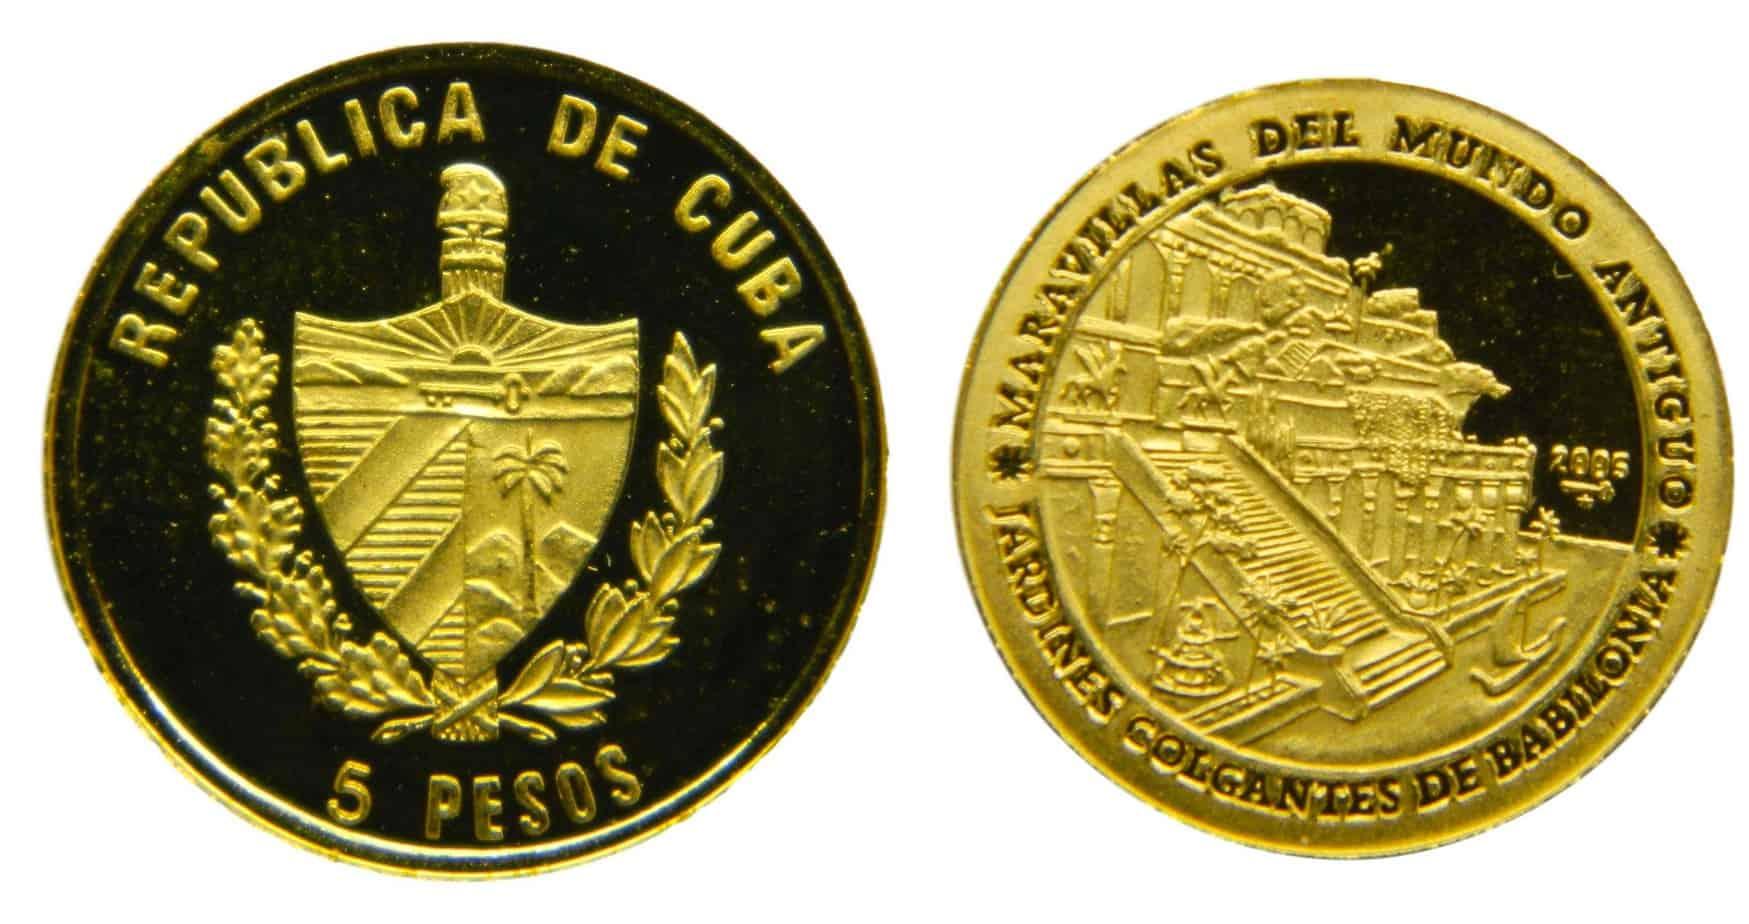 5 pesos Cuba